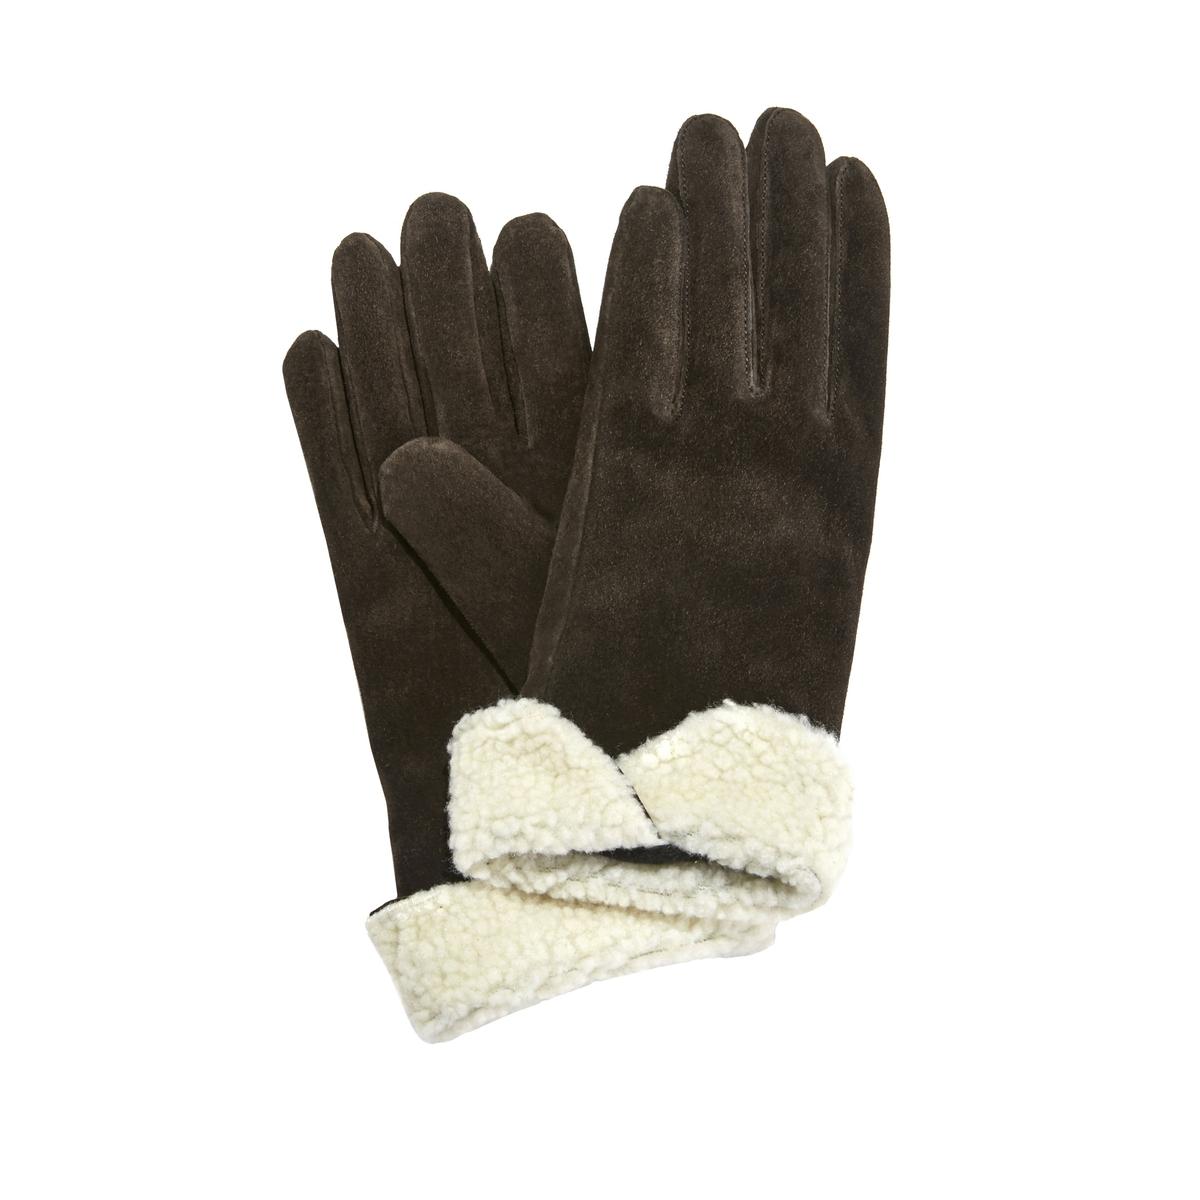 Перчатки La Redoute Кожаные на меху S каштановый сапоги la redoute кожаные на меху размеры 26 каштановый